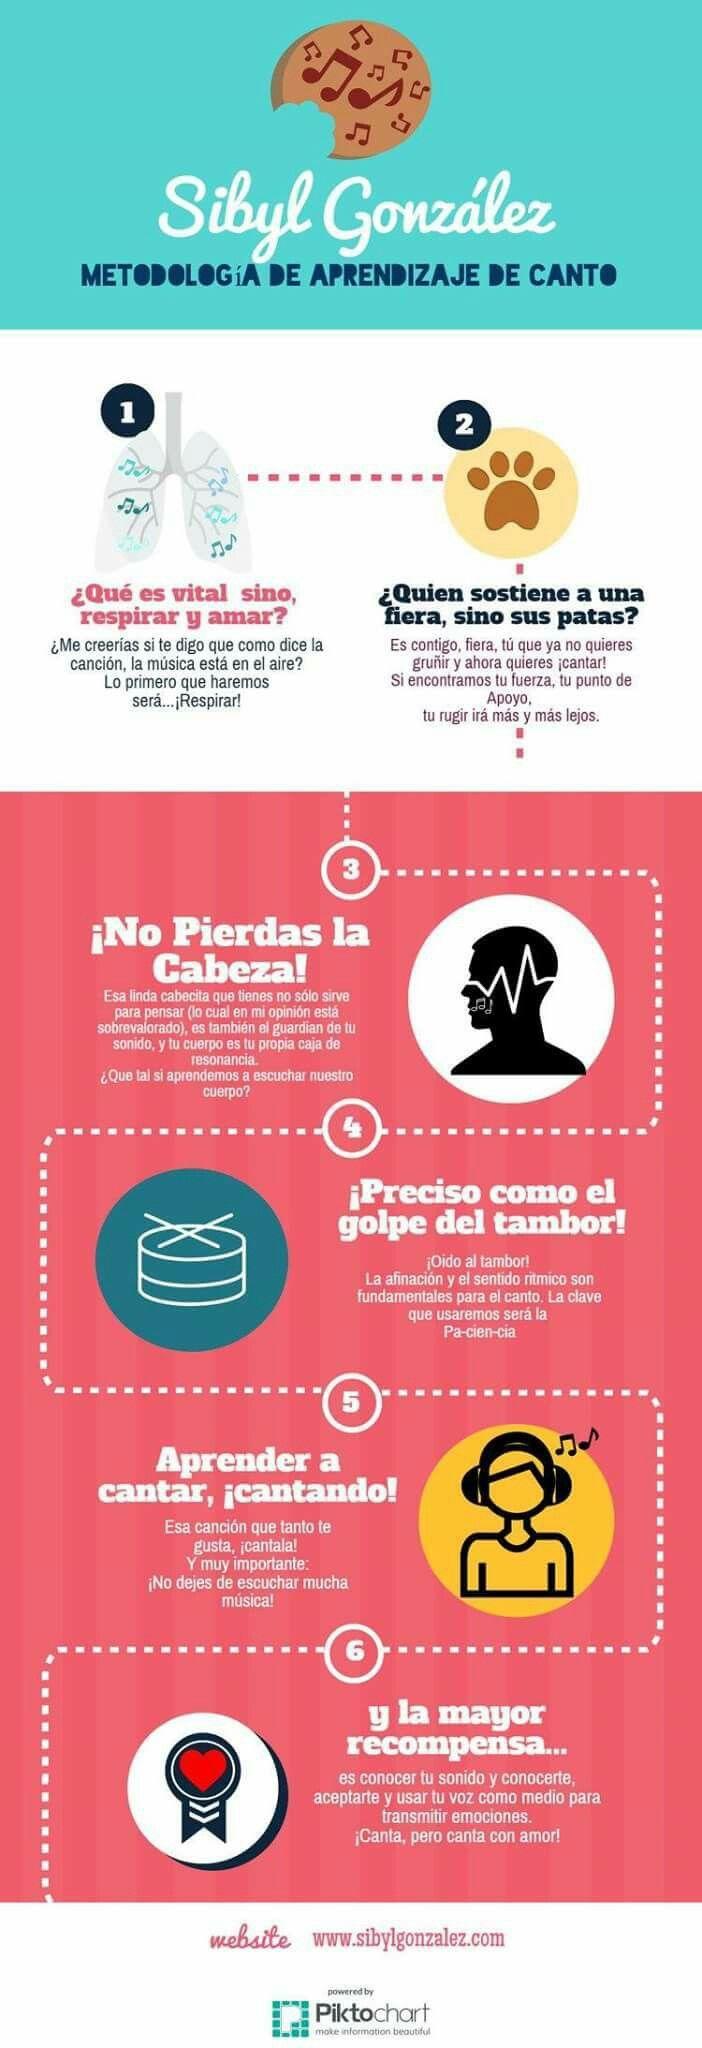 ¿Buscas clases de canto en Madrid? Pues aquí tienes mi método para aprender a cantar https://www.tusclasesparticulares.com/profesores/madrid/clases-canto-madrid-975502